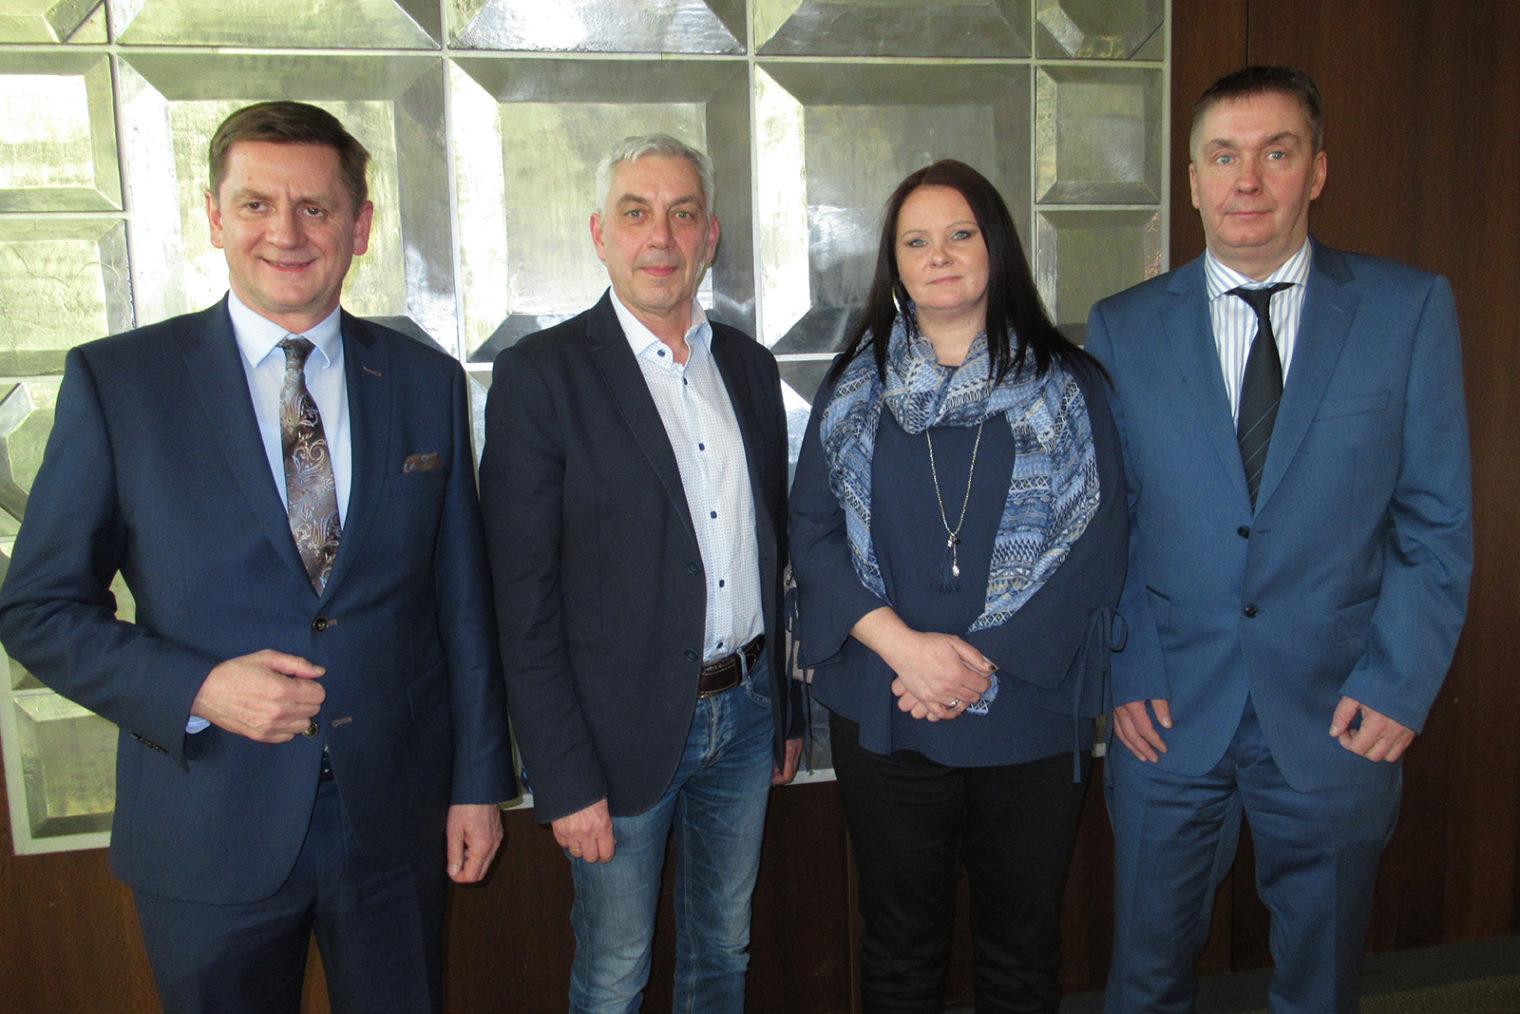 Gruppenbild neue Gemeinderäte mit Bürgermeister